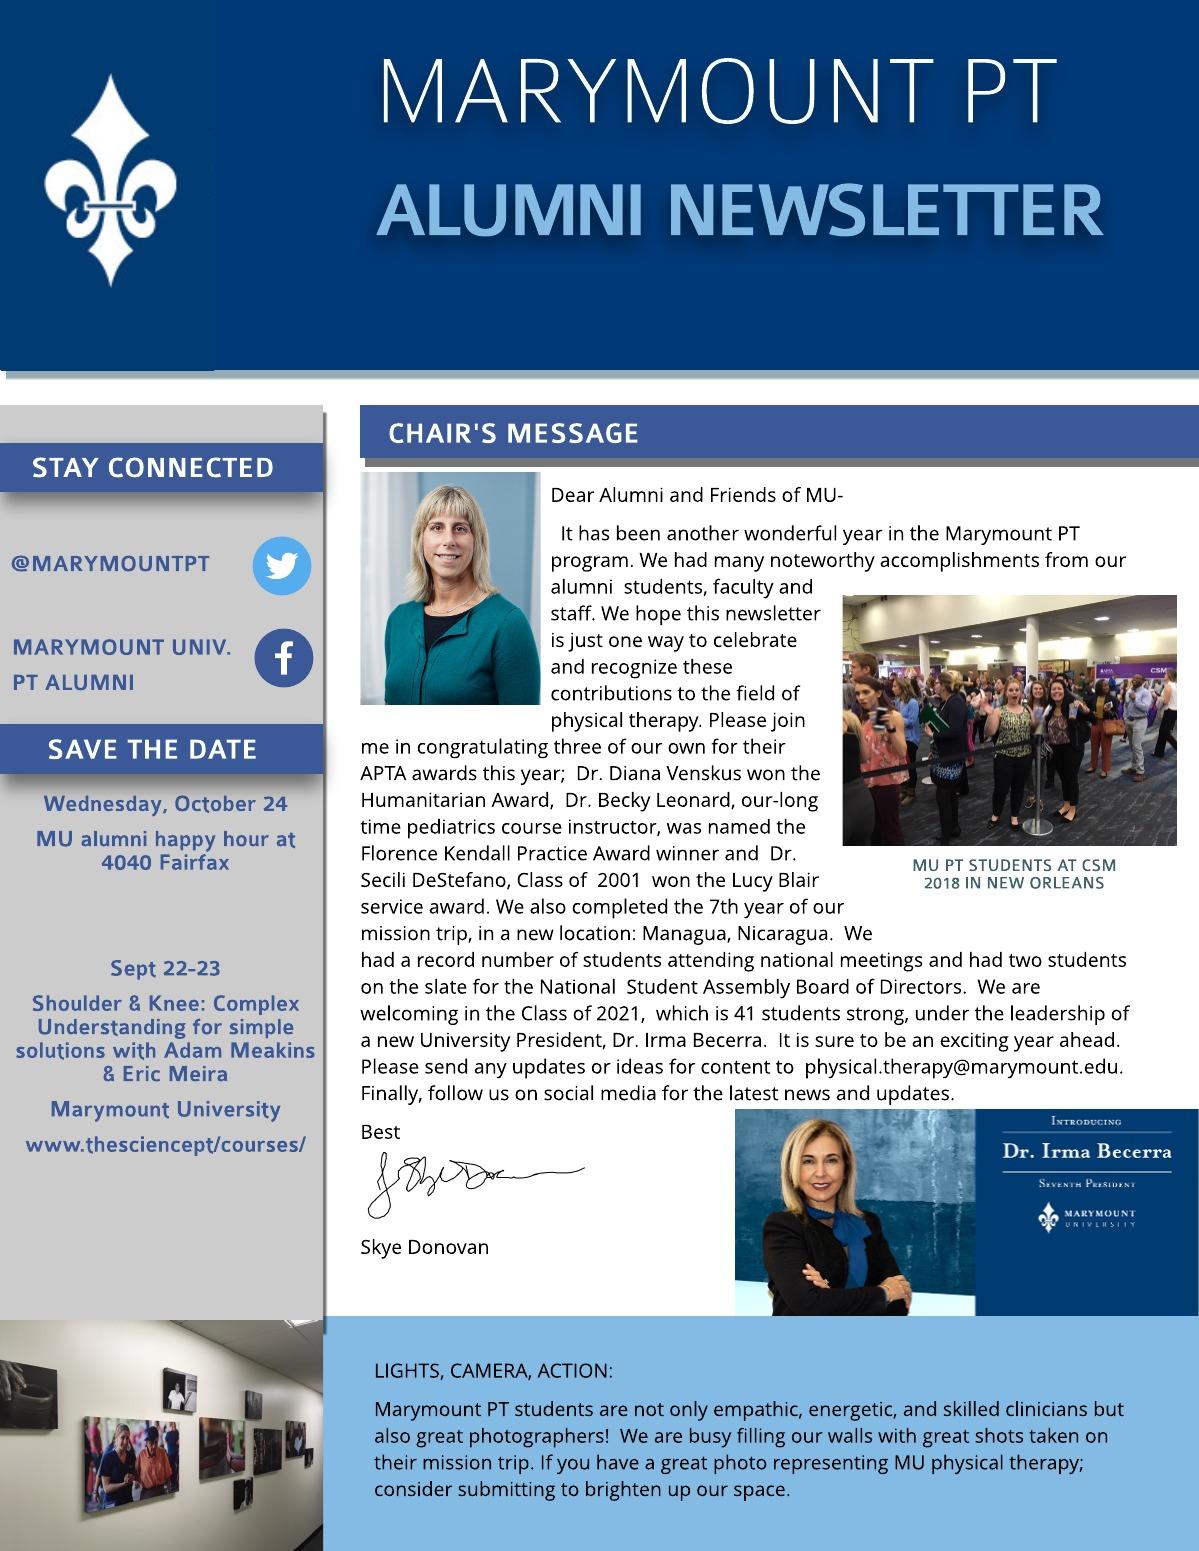 Alumni Newsletter Photo